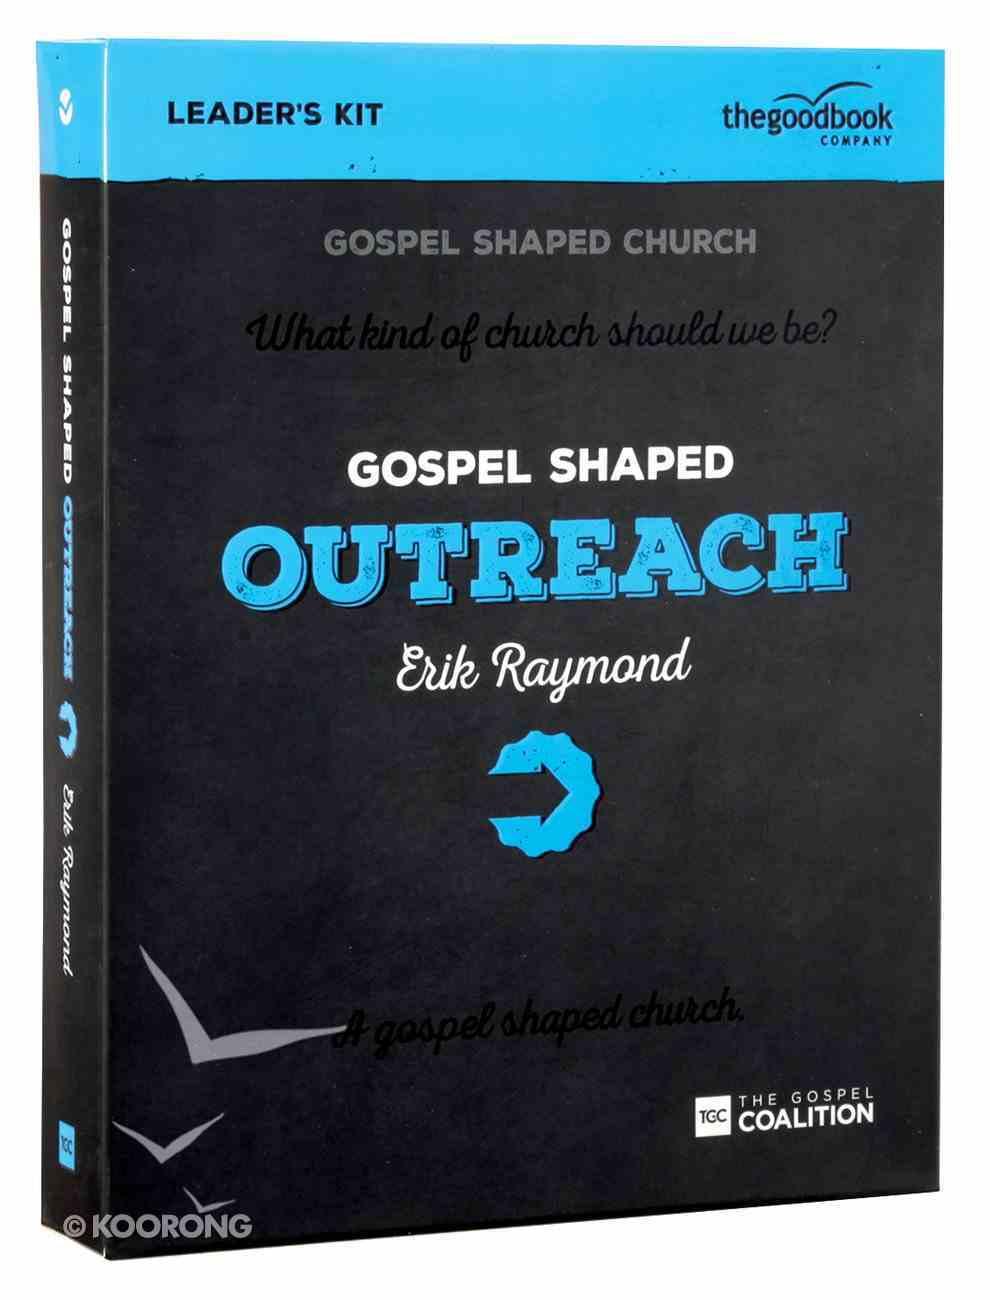 Gospel Shaped Outreach (Dvd Leader Kit) Pack